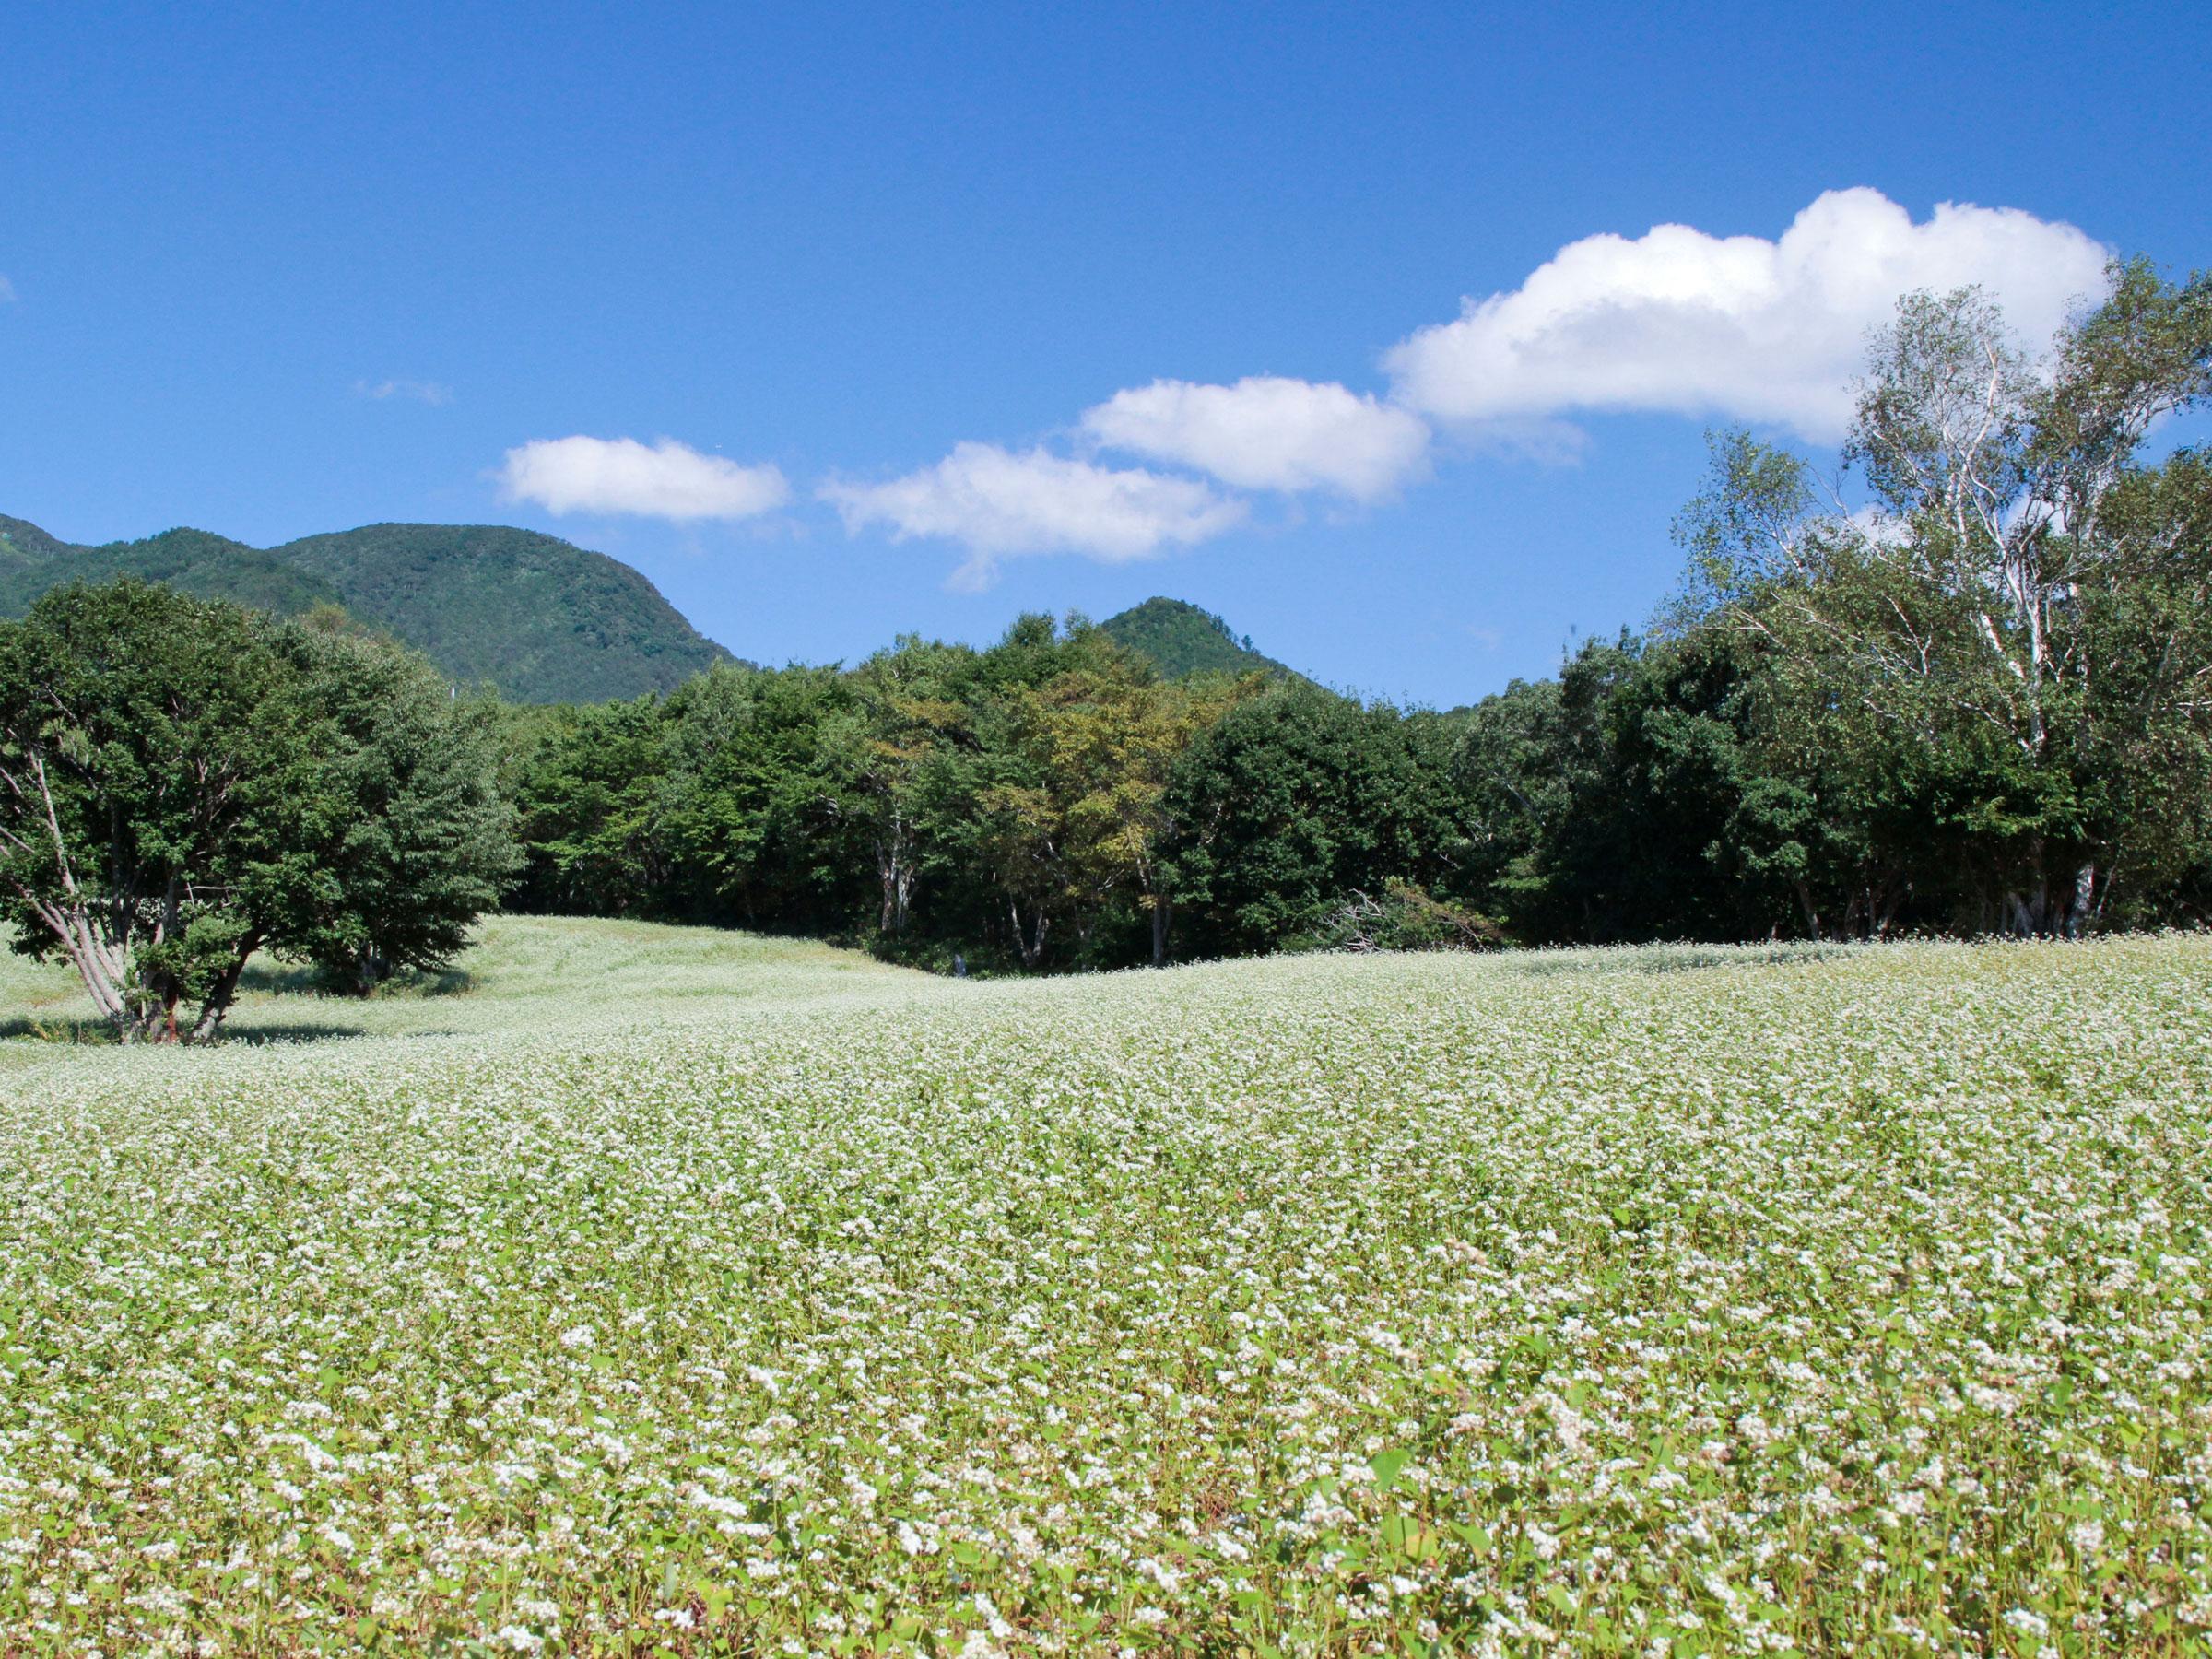 【福島県】夏の絶景・風物詩5選 白い花の絨毯が広がる天空のそば畑